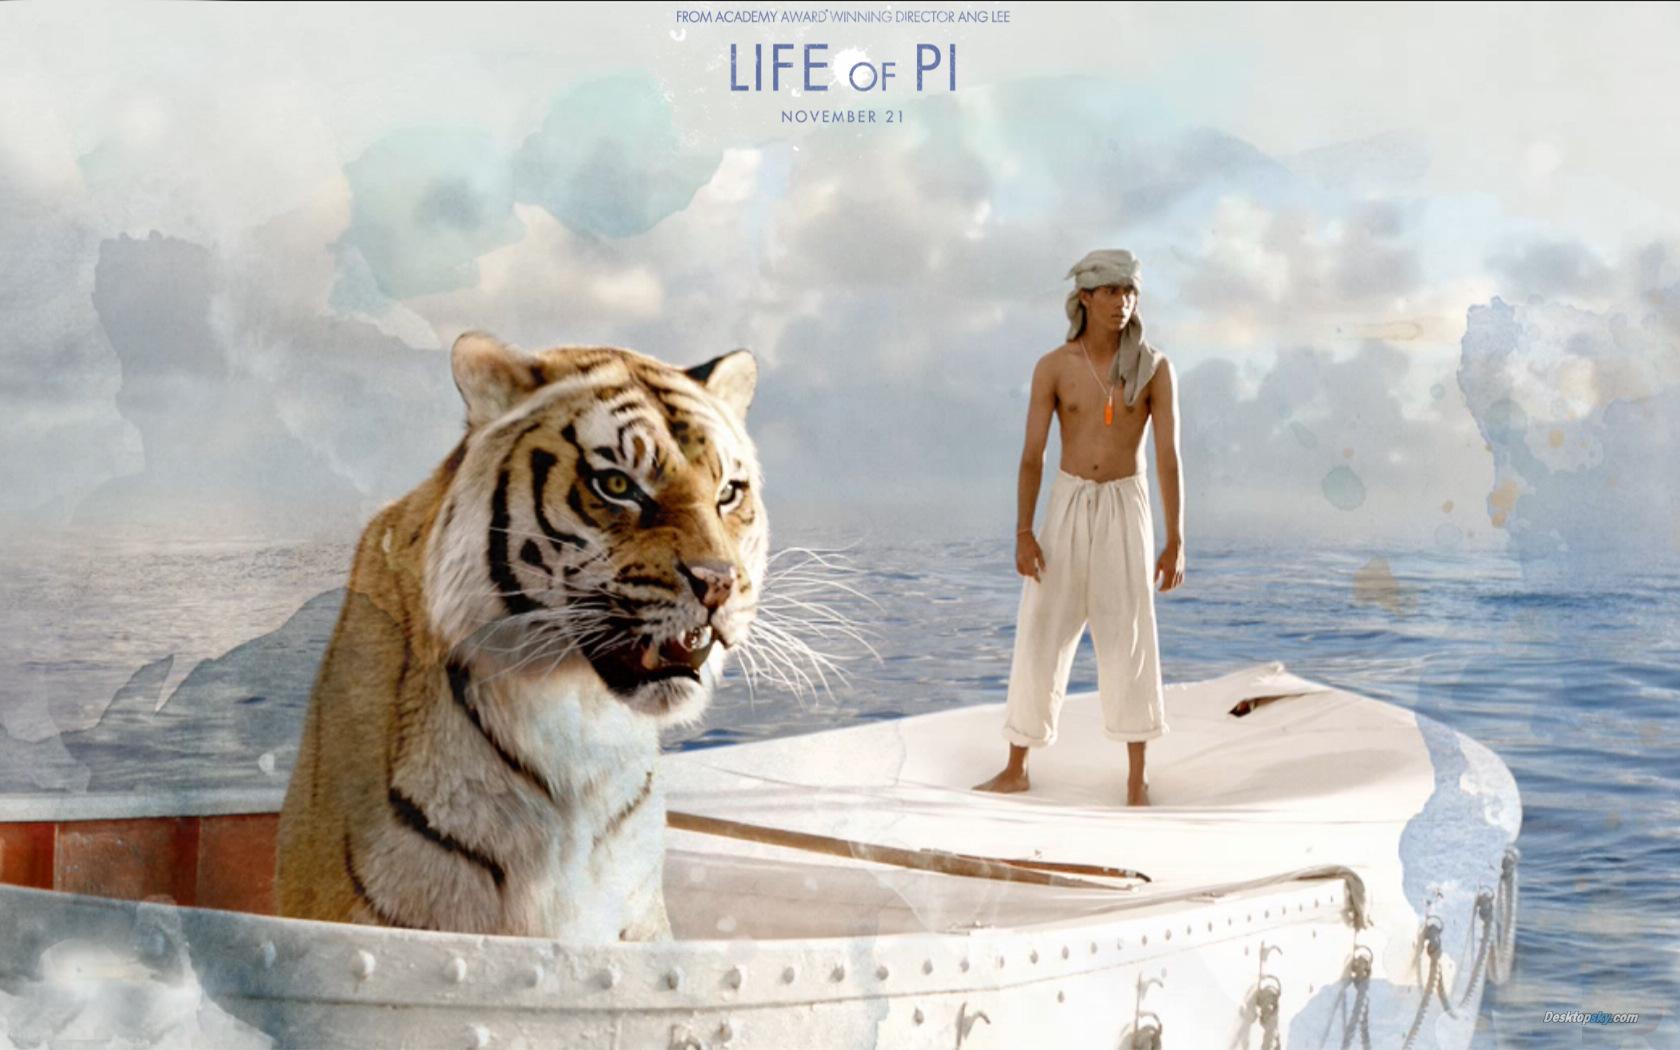 今日熱門文章:《看‧電影》這隻老虎很搶戲‧少年pi的奇幻漂流3D LIFE of PI觀後有感